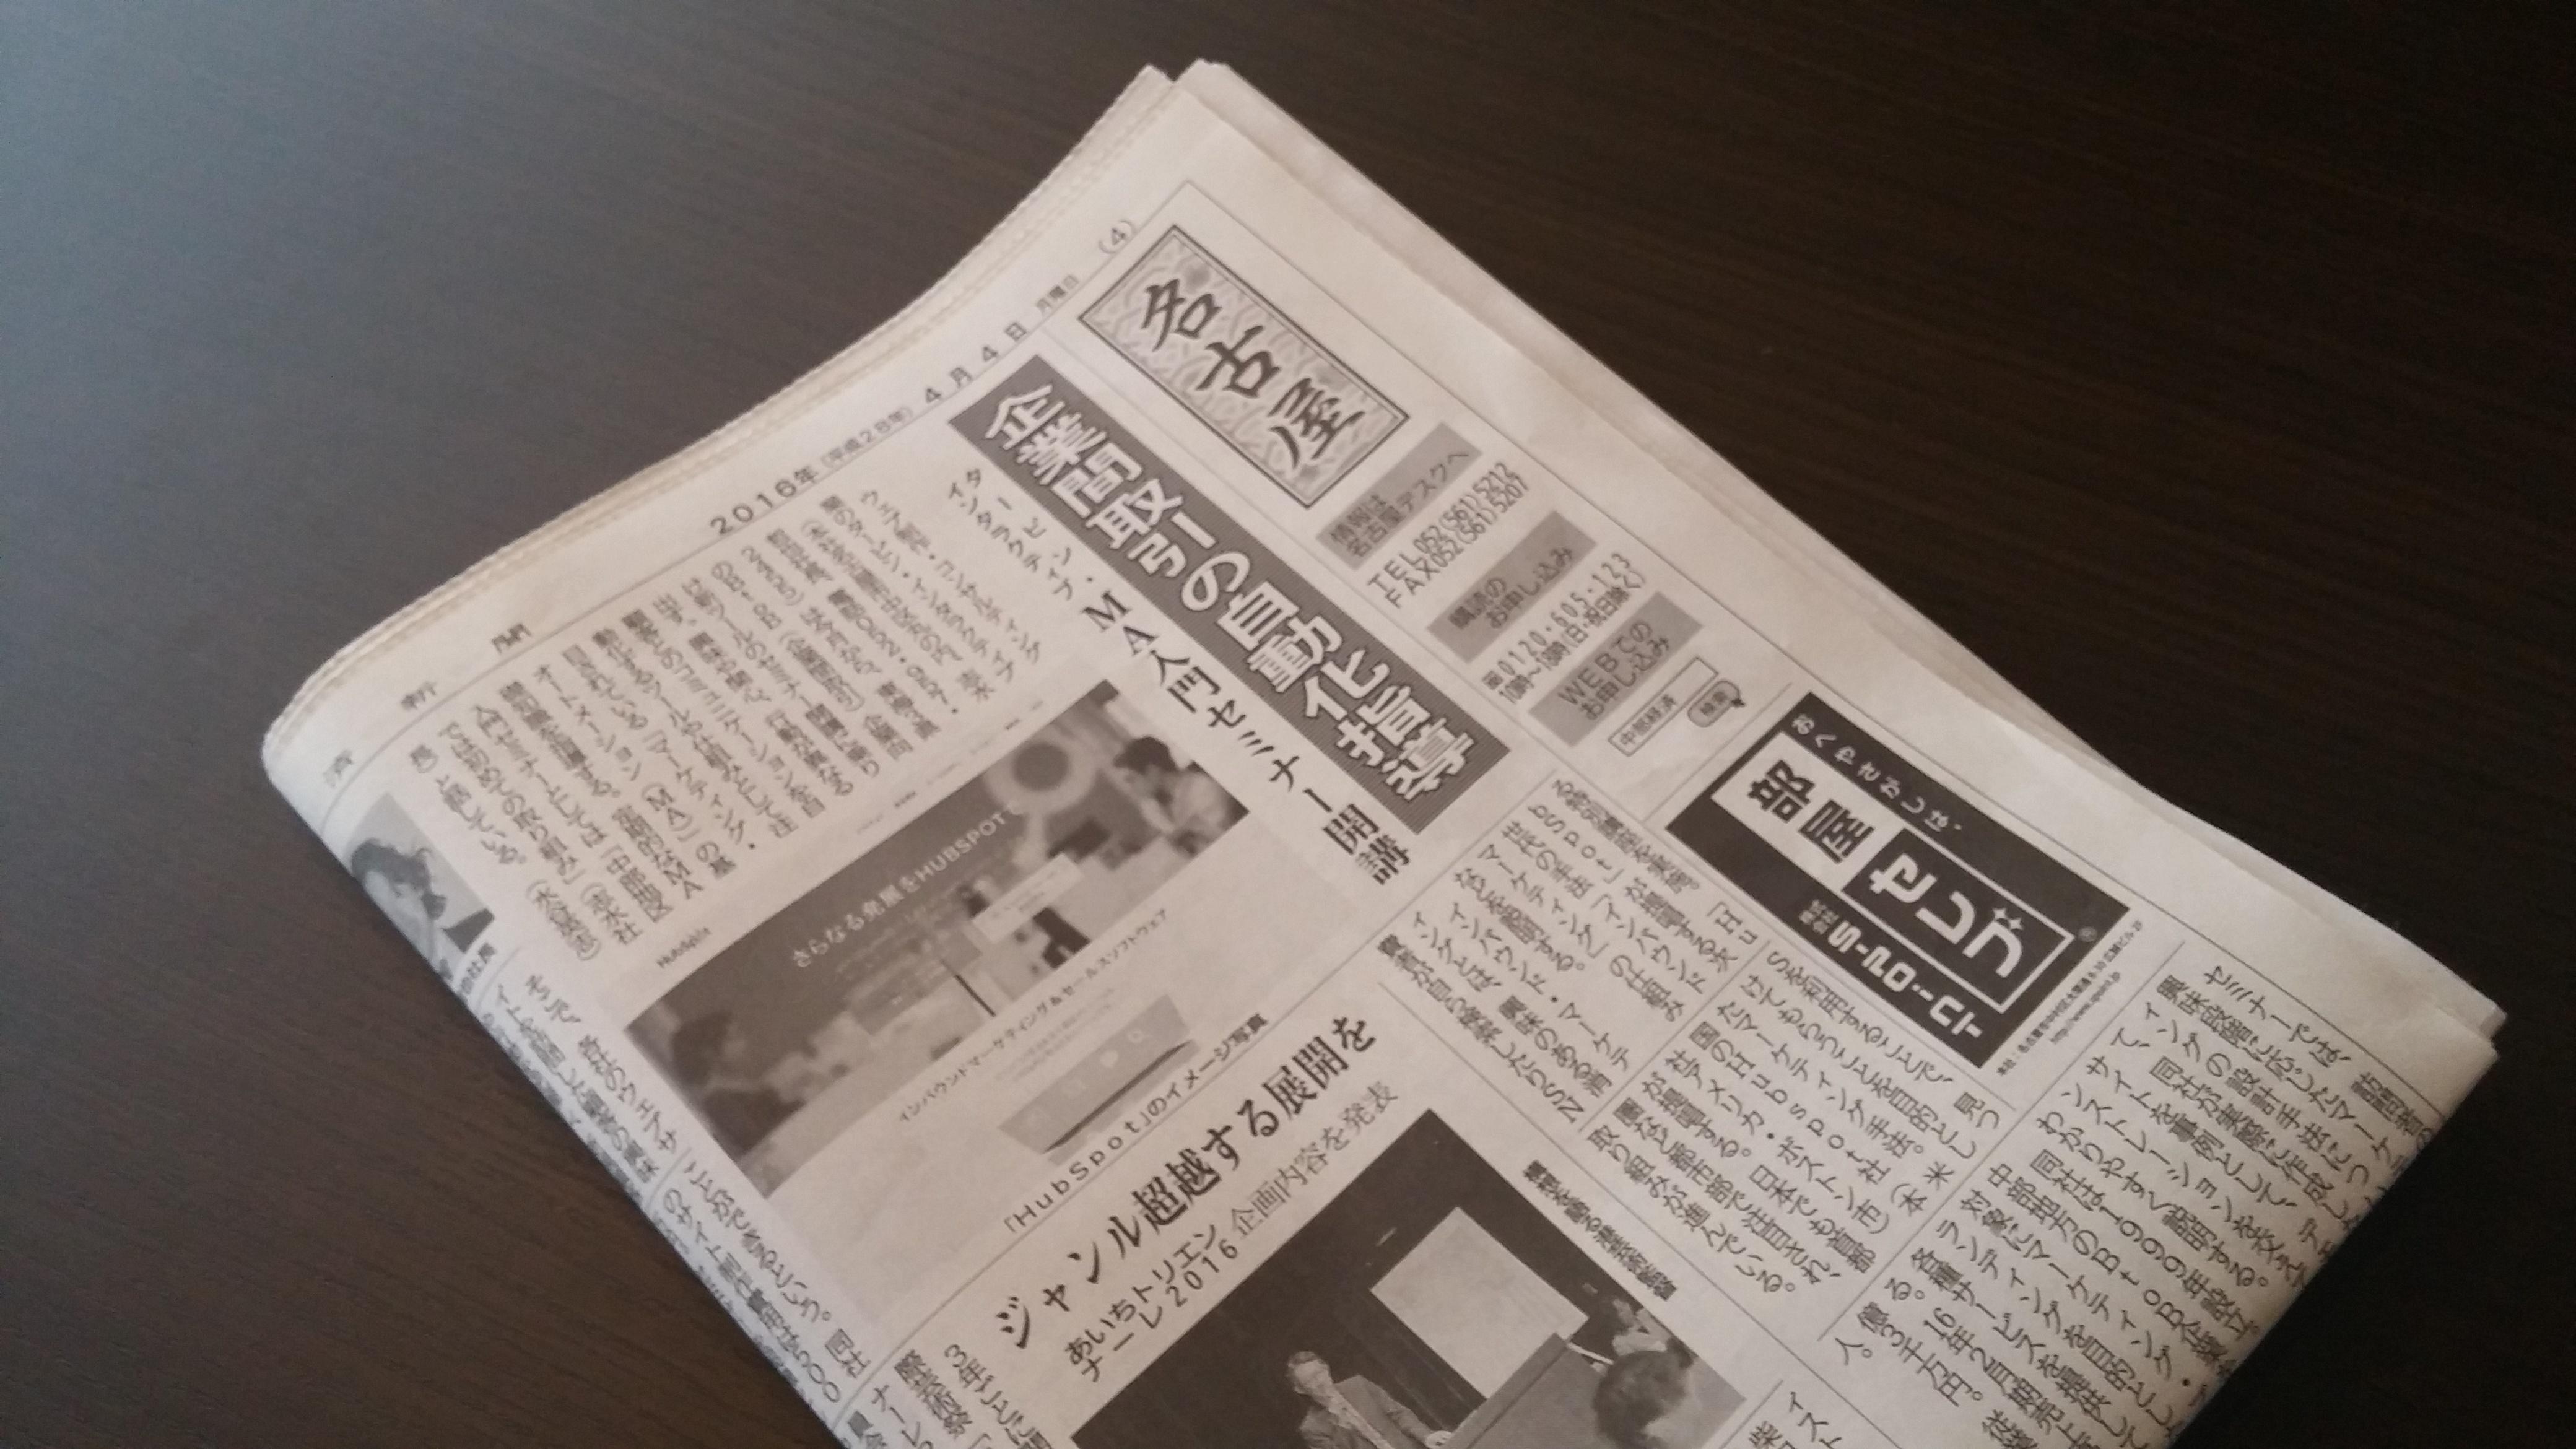 HubSpot関連のお知らせ 「中部経済新聞」4面に弊社のMA入門セミナーに関する記事が掲載されました。